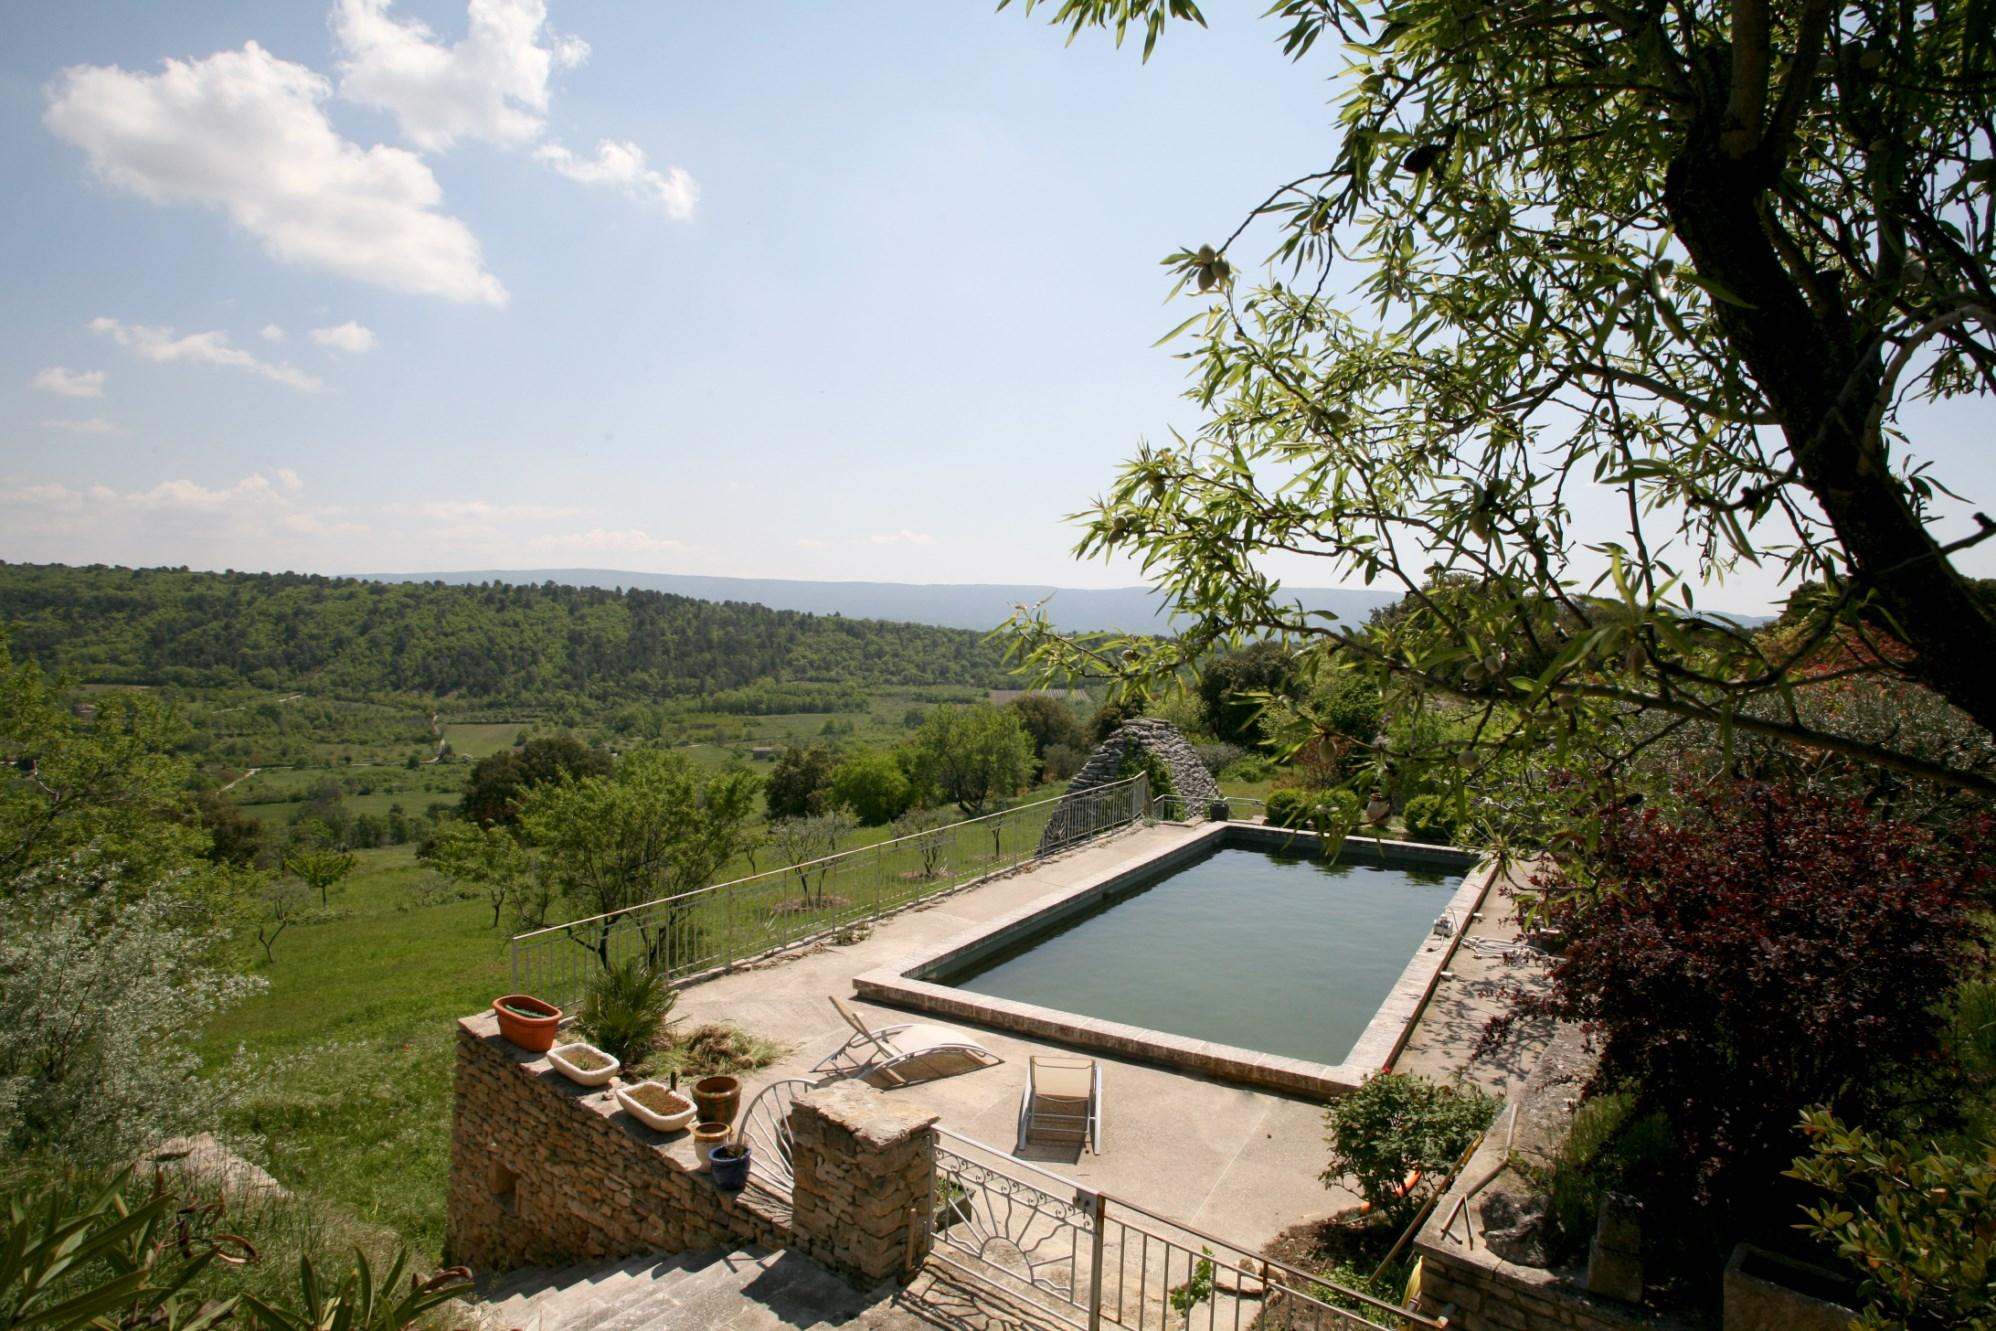 Ventes a vendre maison en pierres sur 1 hectare avec piscine et vue sur le l - Maison en indivision comment vendre ...